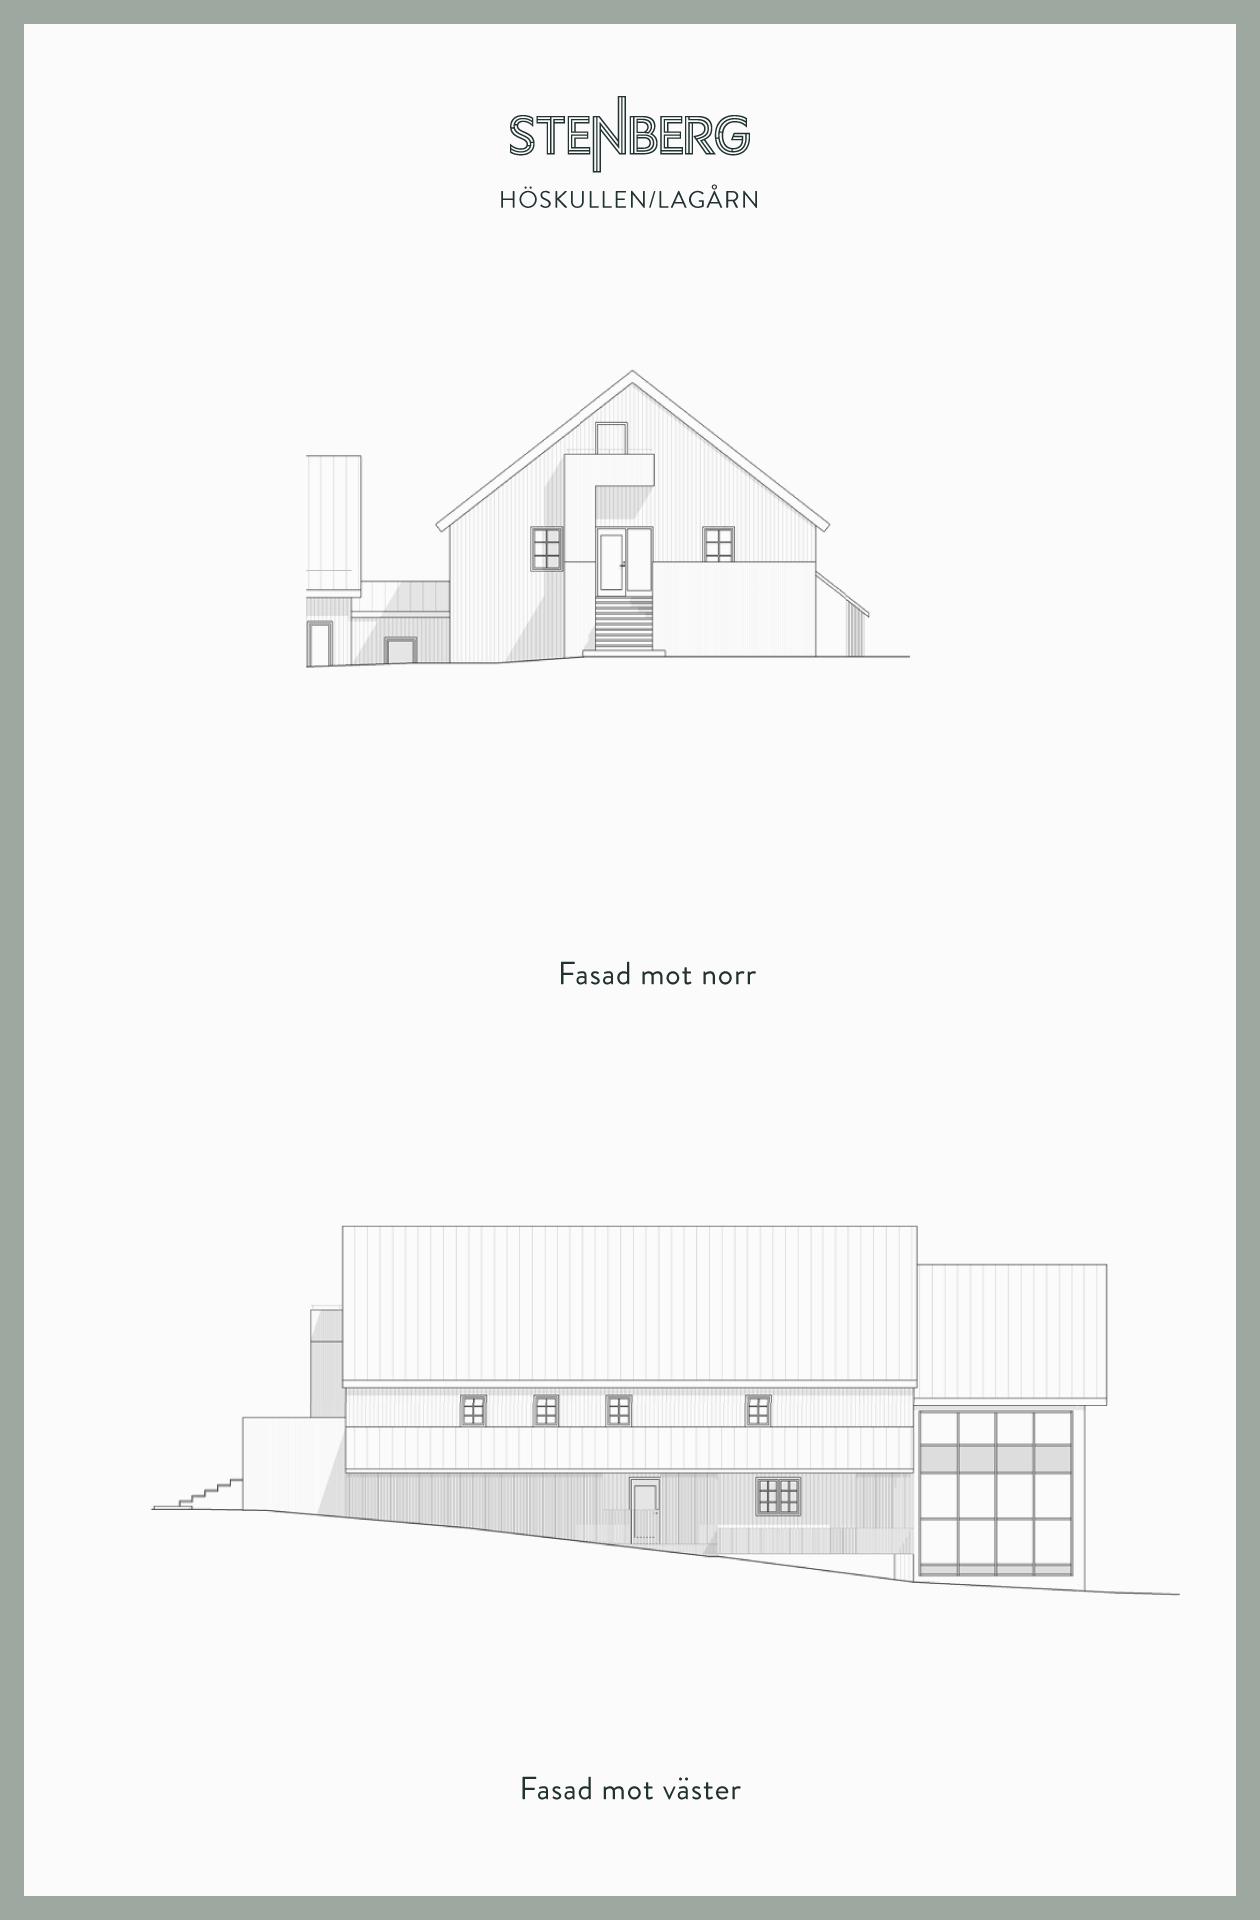 Stenberg-ritningar-Hoskullen lagarn 2.jpg